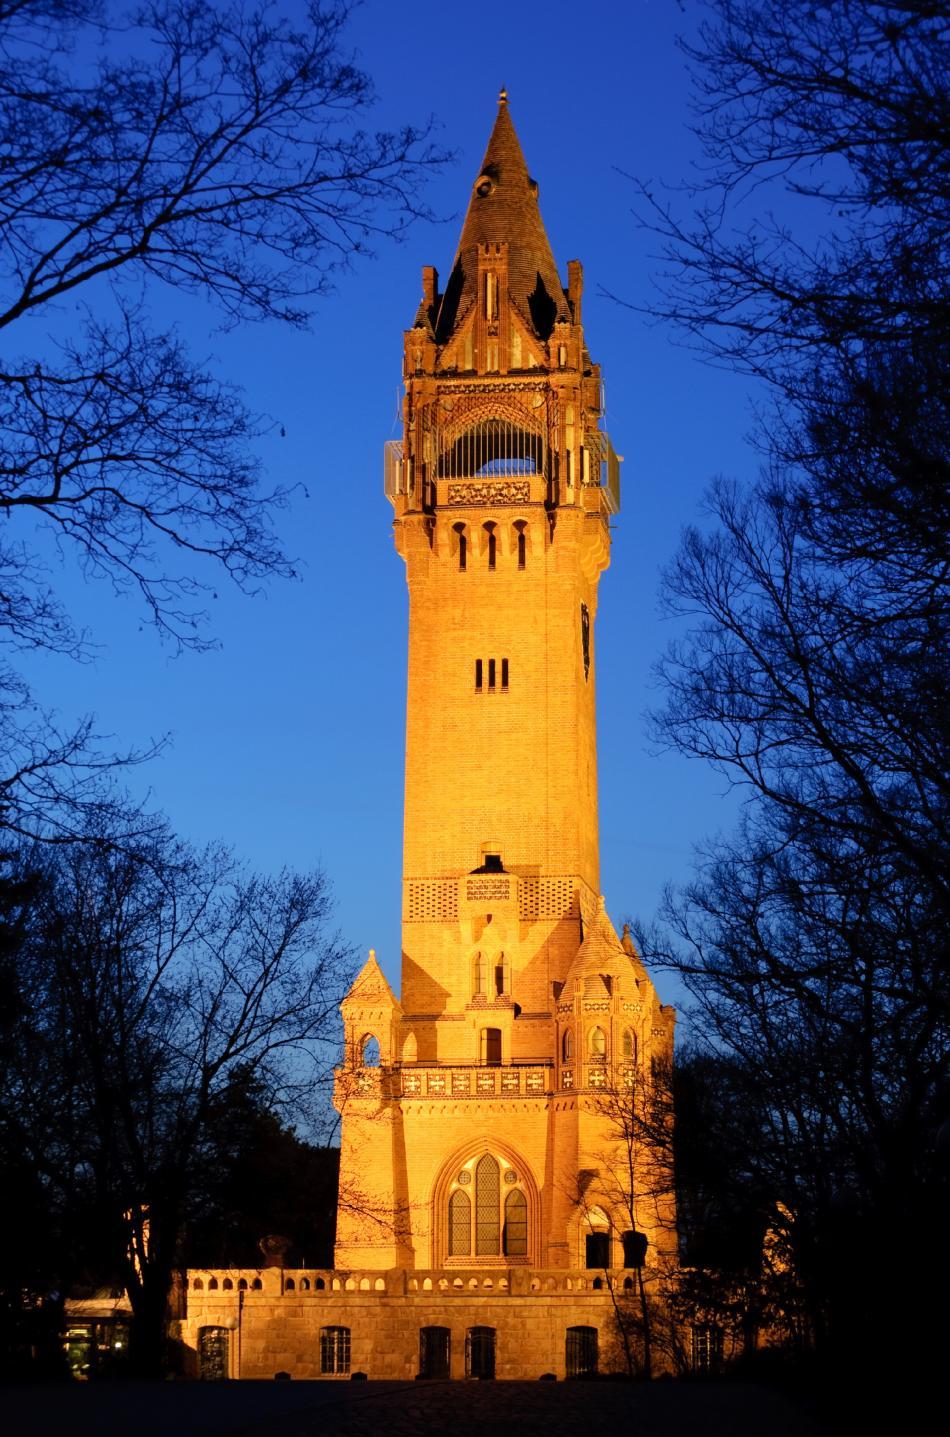 Wieża Grunewaldzka